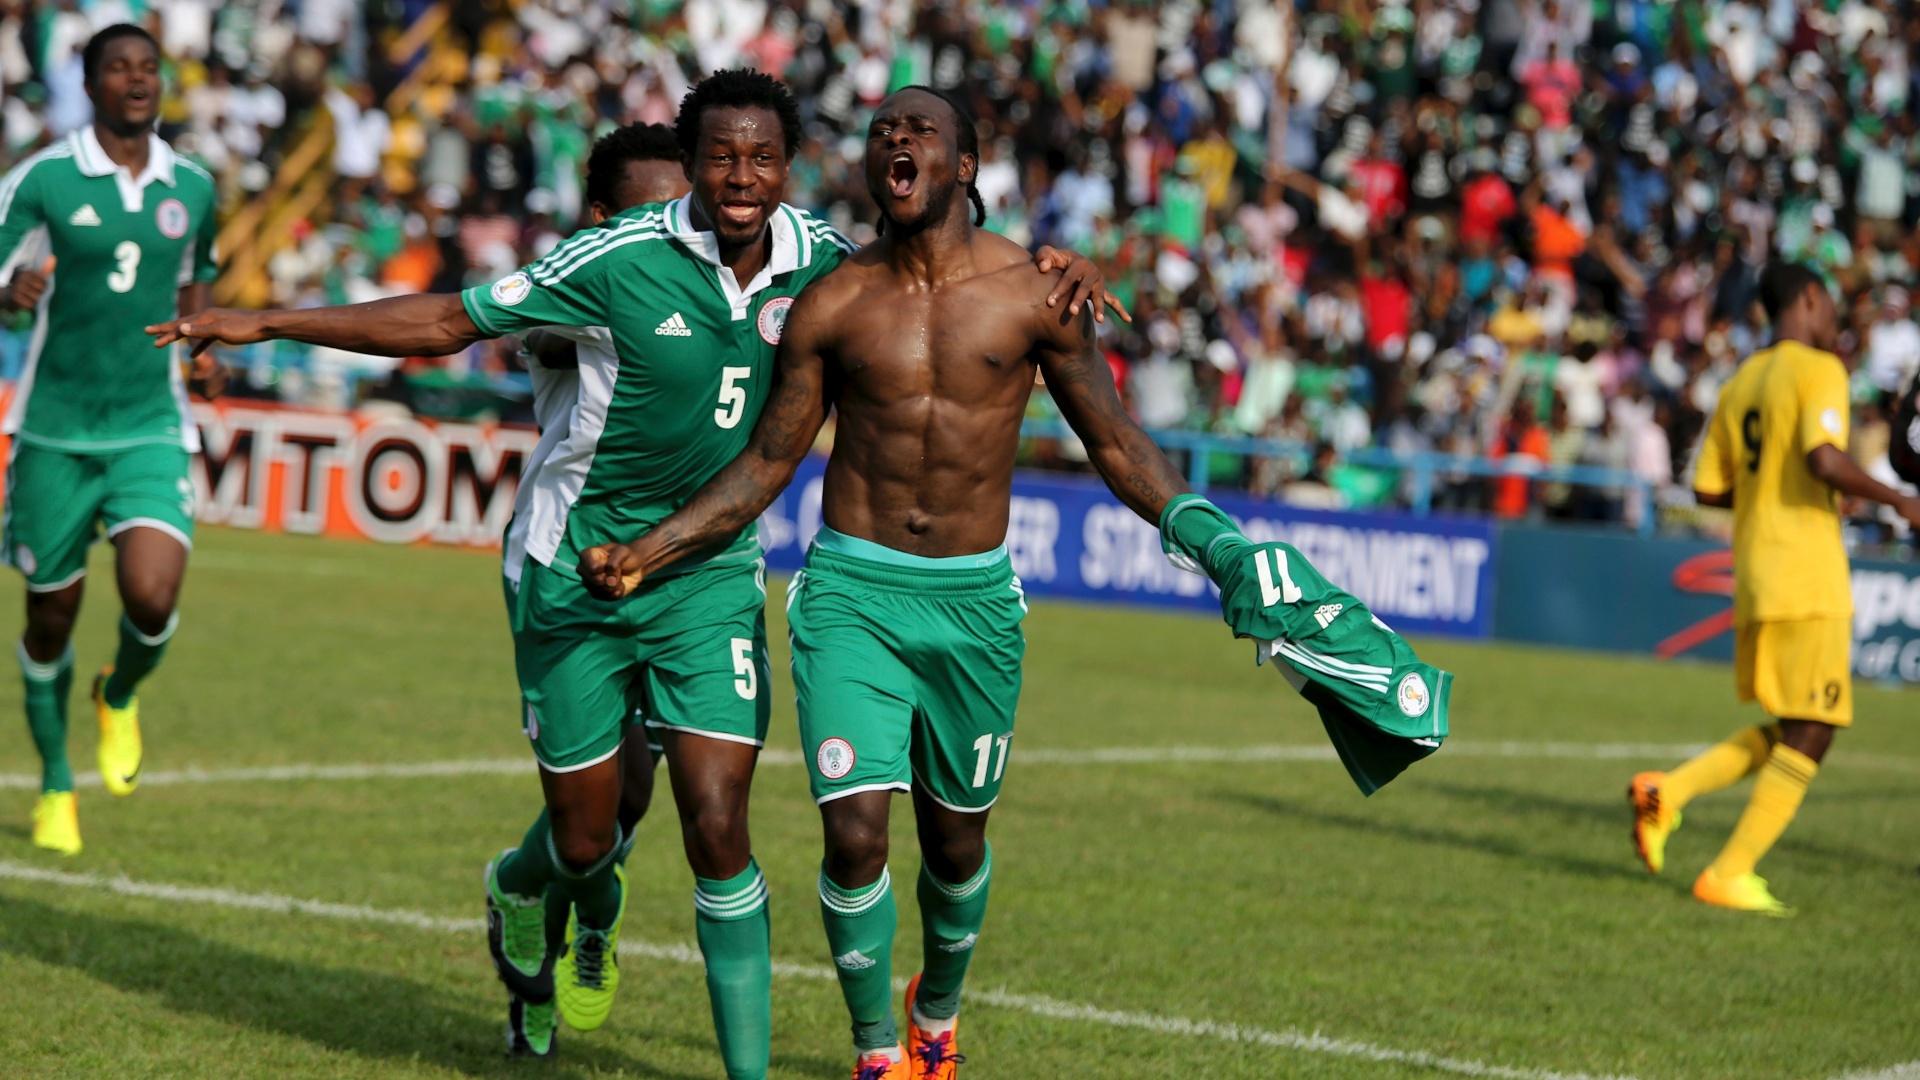 b4271dc0b3 SAIBA MAIS-Conheça a seleção da Nigéria na Copa - Esporte - BOL ...